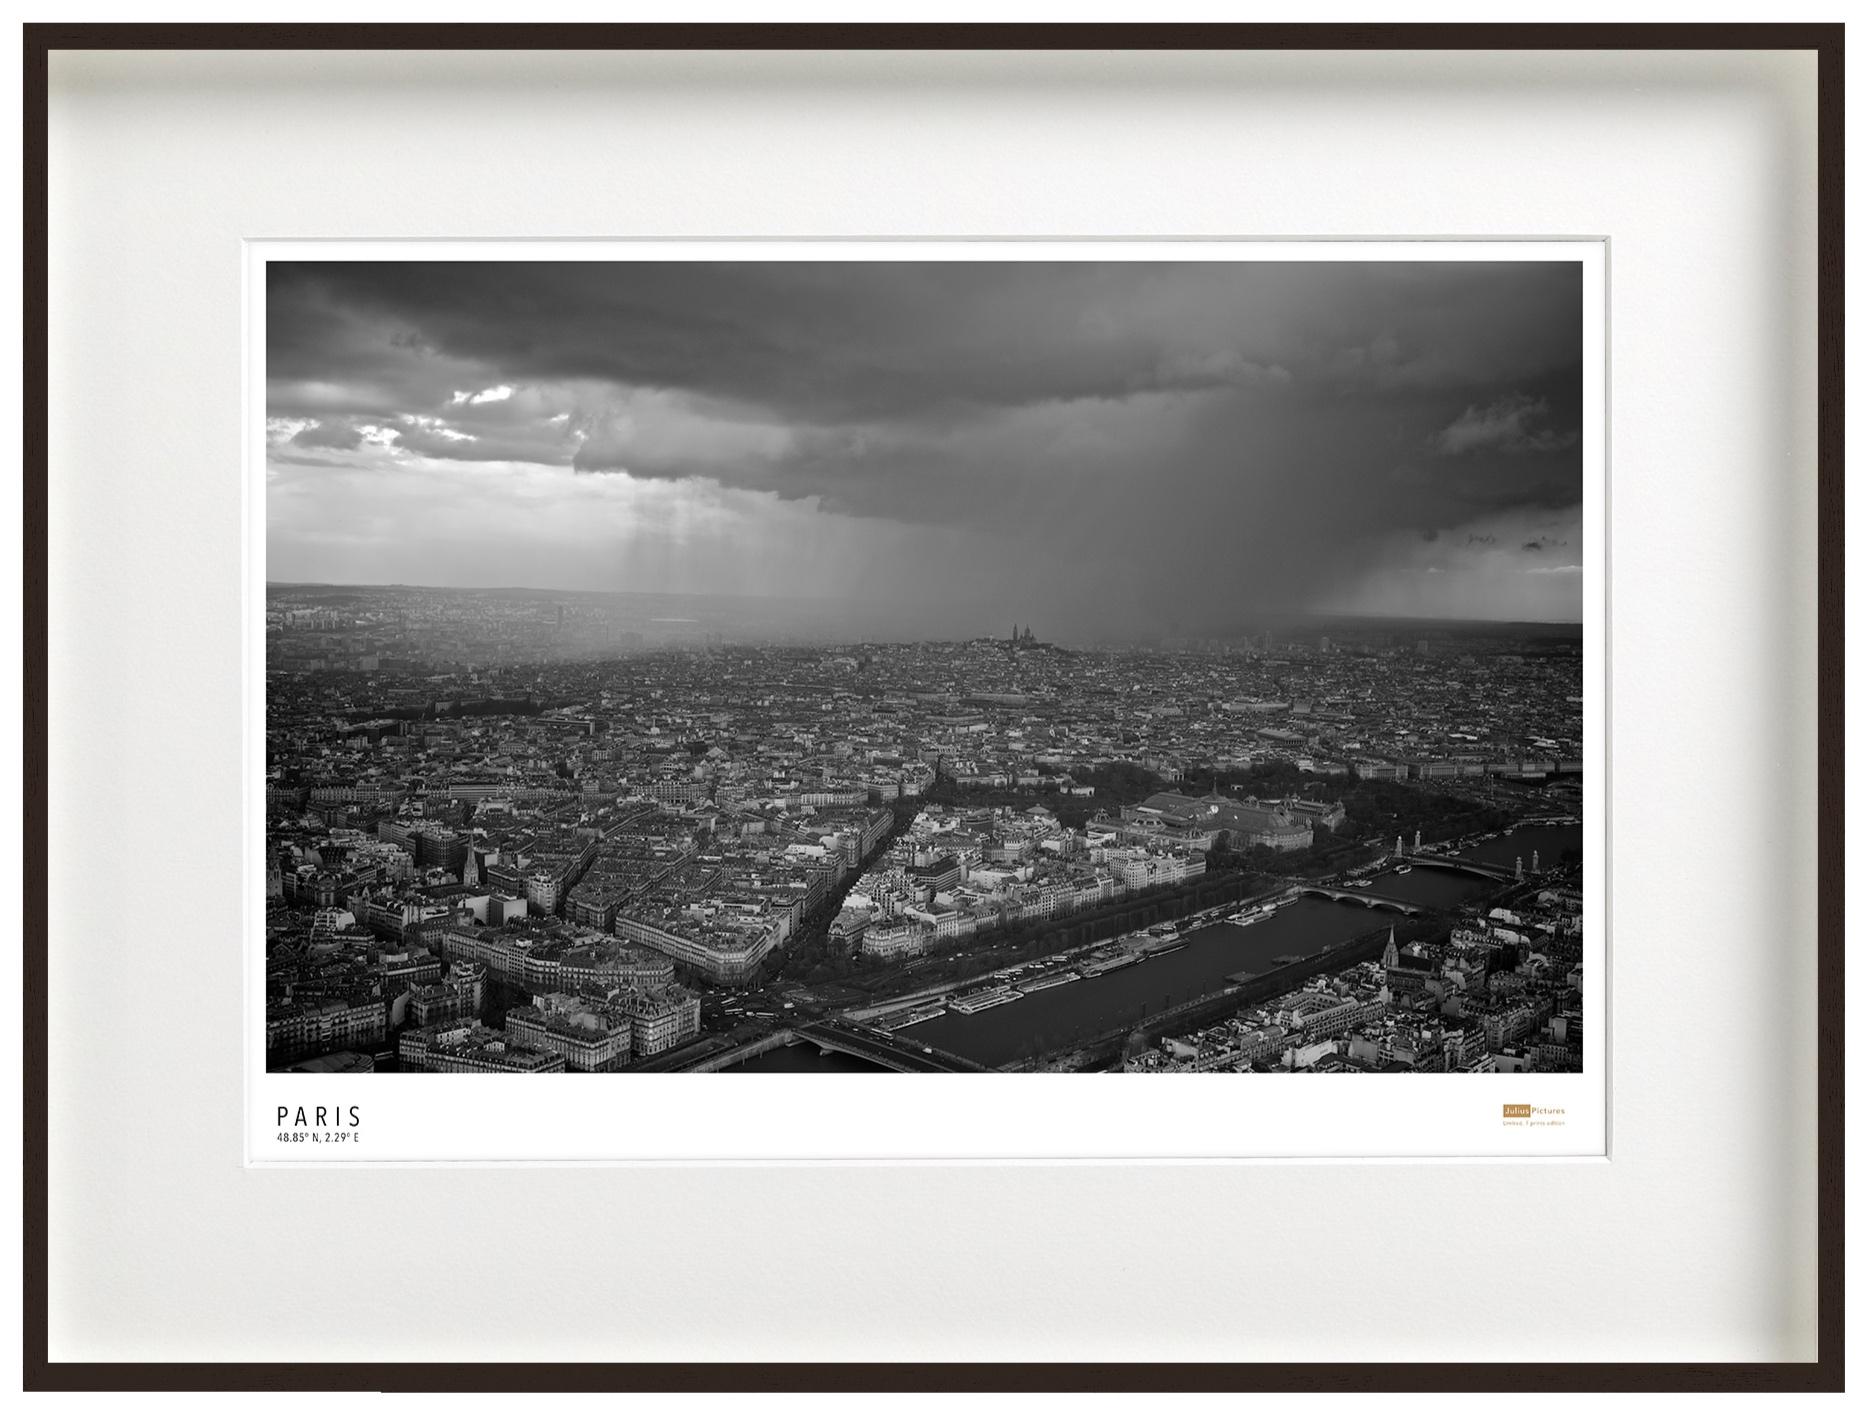 paris_frame.jpg